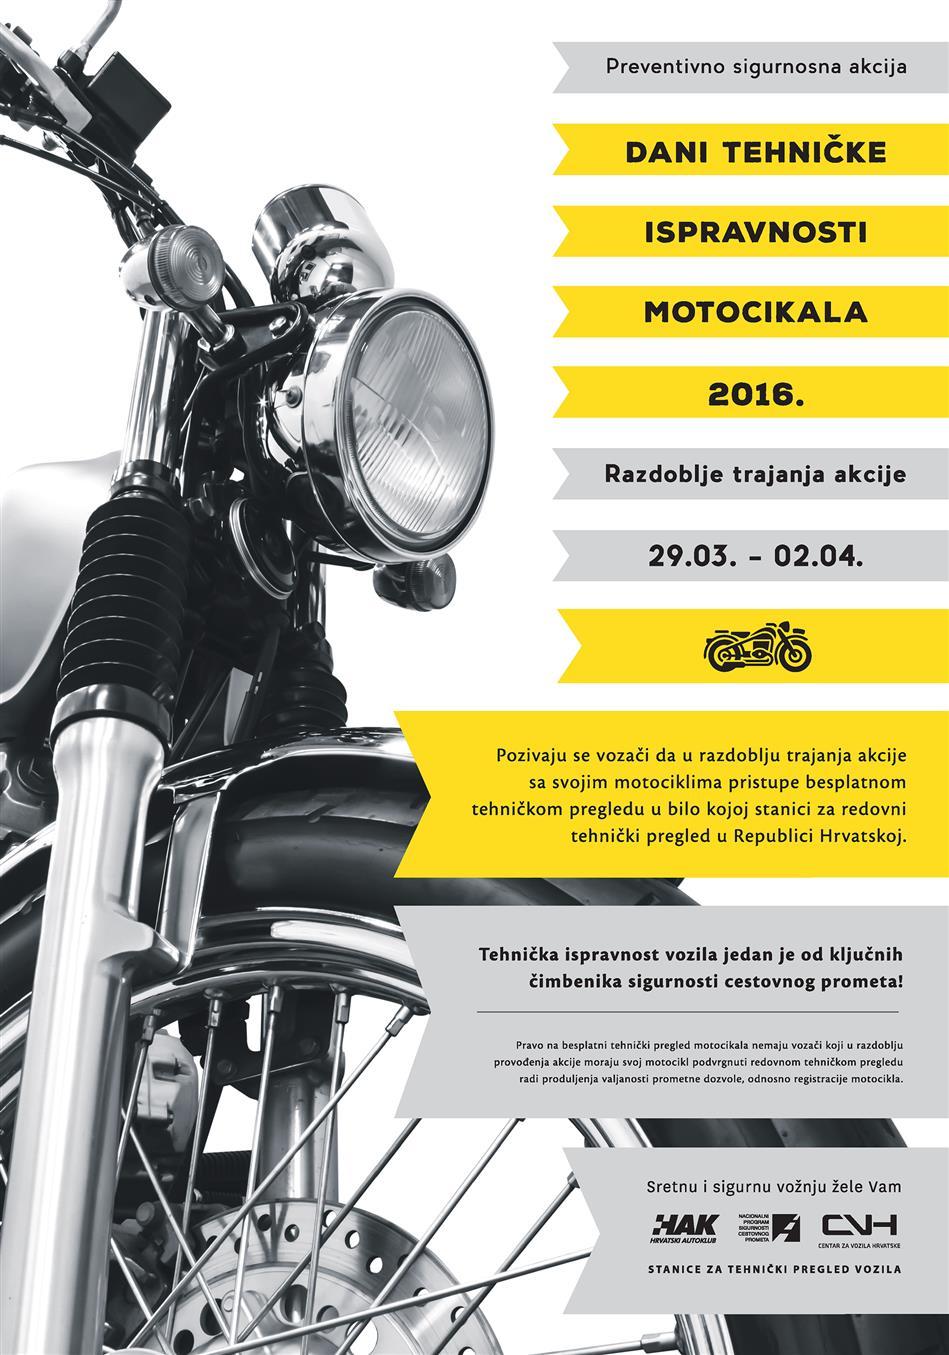 Dani tehničke ispravnosti motocikala 2016.